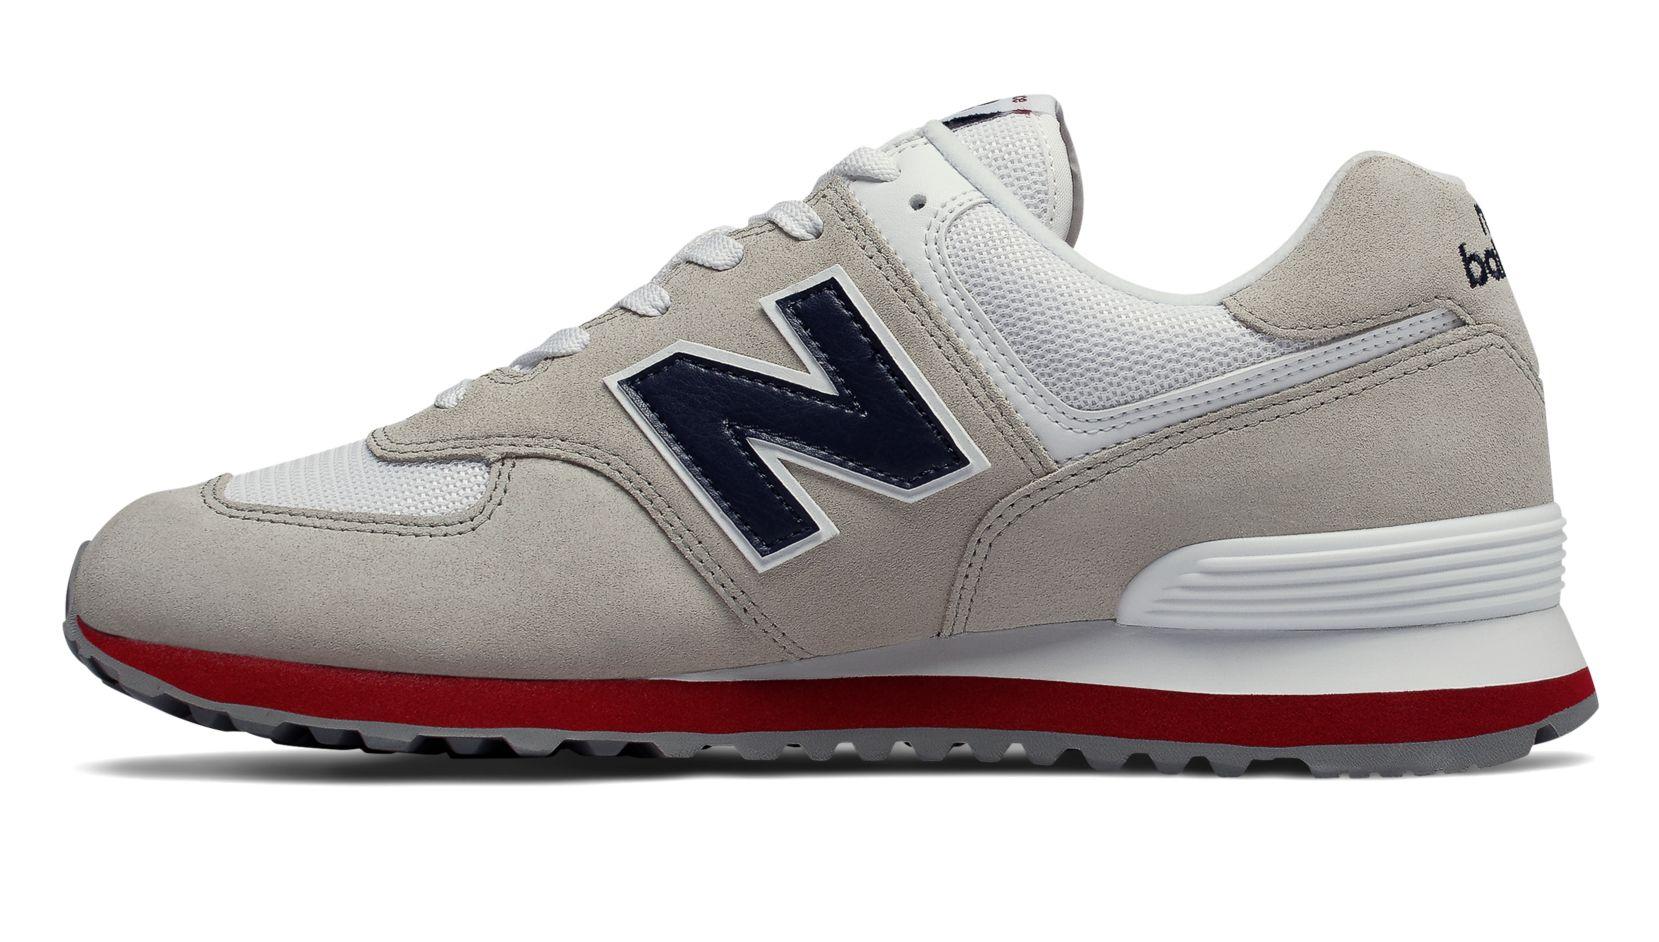 50 Chaussures New Balance Width Cloud 574 D Homme Pour Nimbus Eur Zq61nCwWxZ